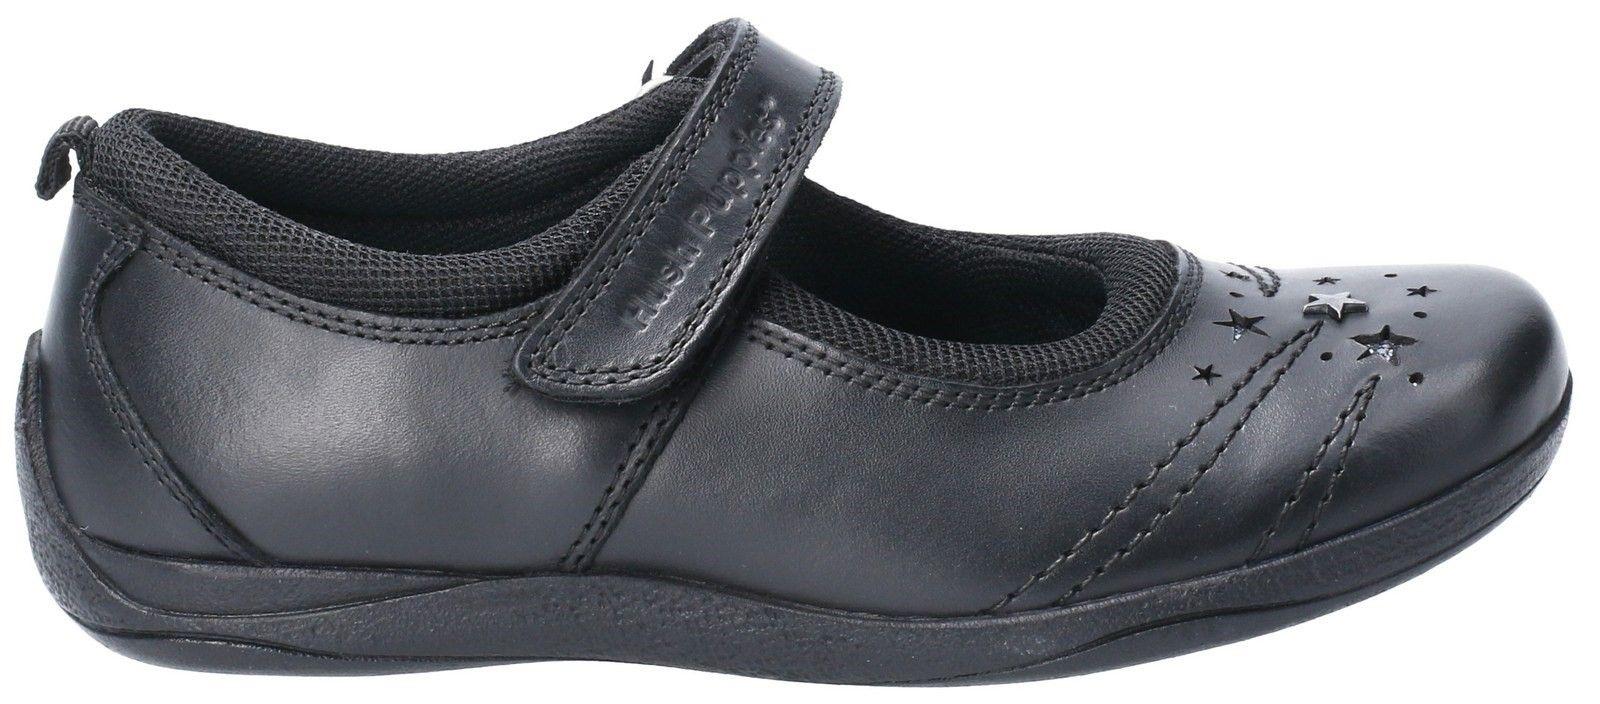 Amber Junior School Shoe